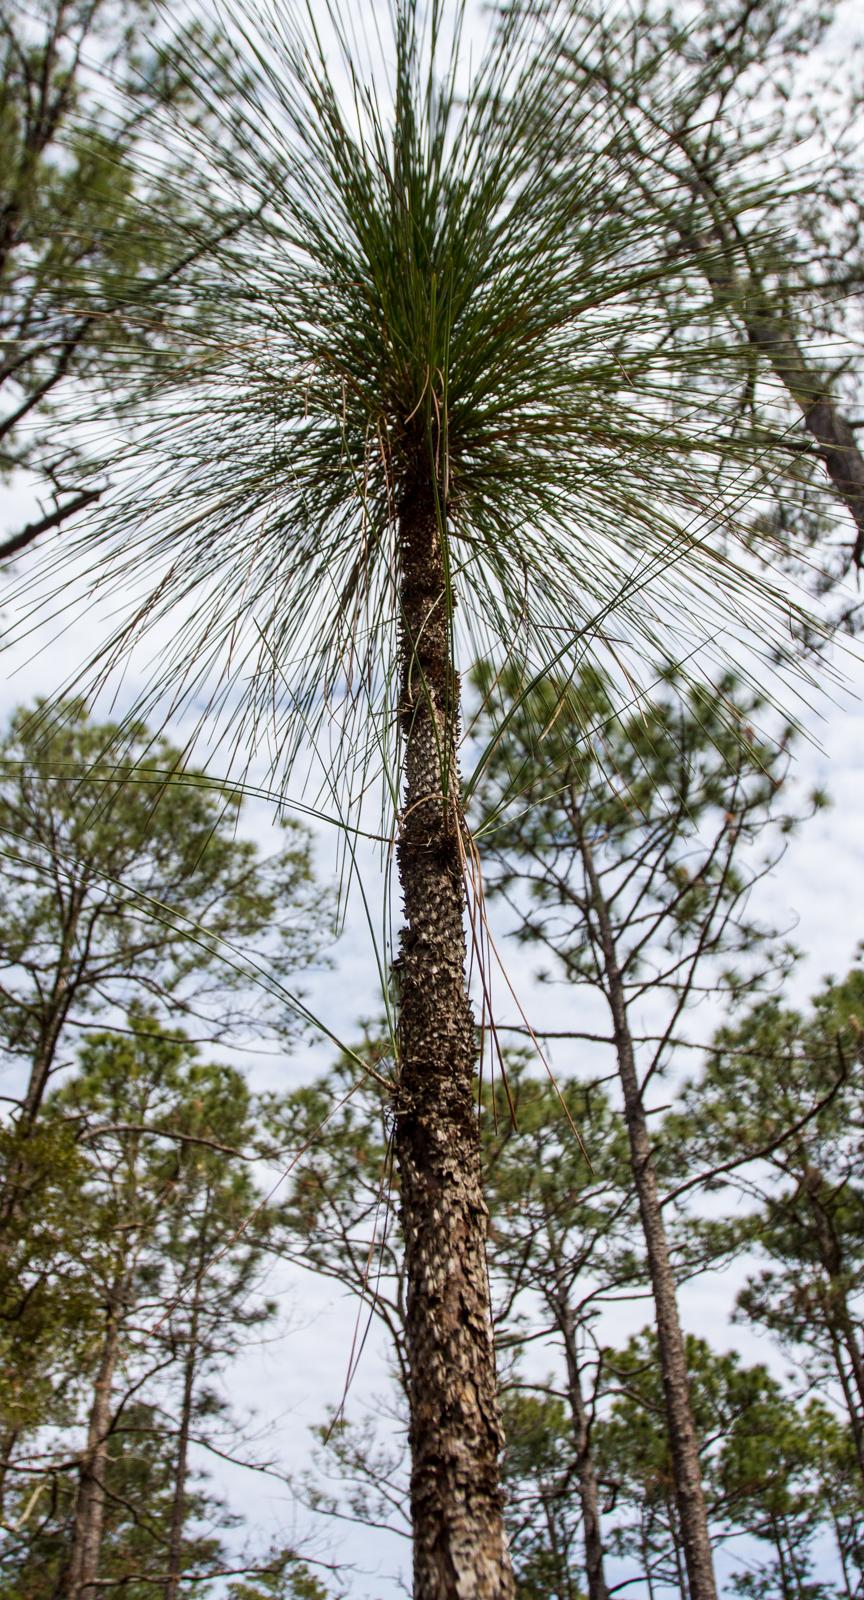 Early phase of longleaf pine when it looks like a bottle